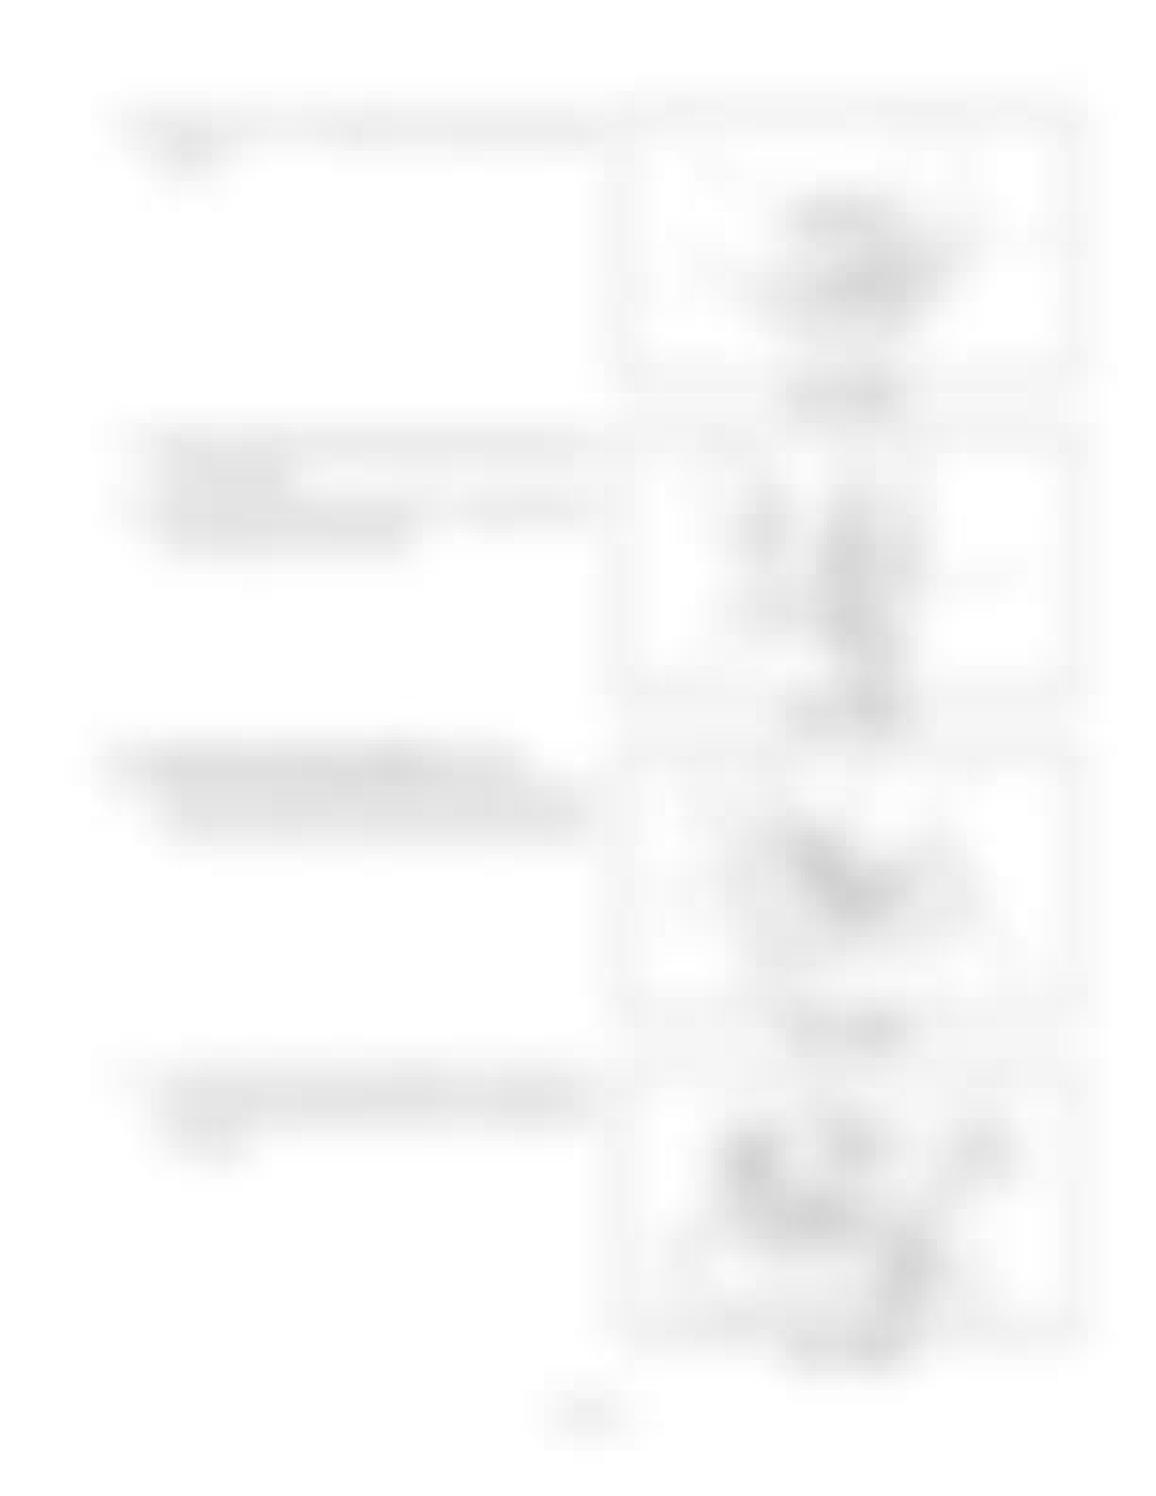 Hitachi LX110-7 LX130-7 LX160-7 LX190-7 LX230-7 Wheel Loader Workshop Manual - PDF DOWNLOAD page 105